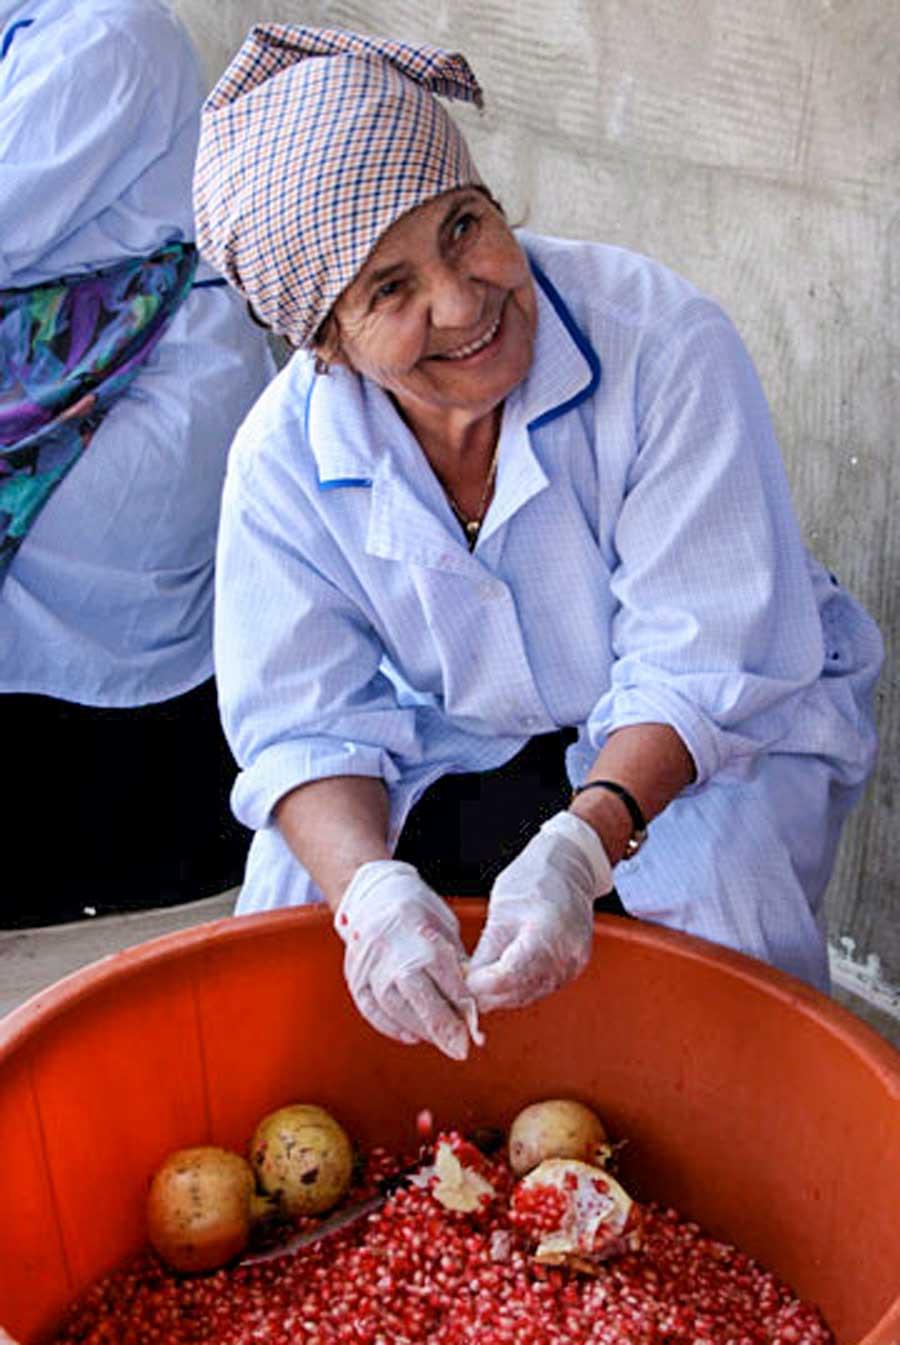 Femmes à Akkar, au Liban, en train de préparer de la mélasse de grenade